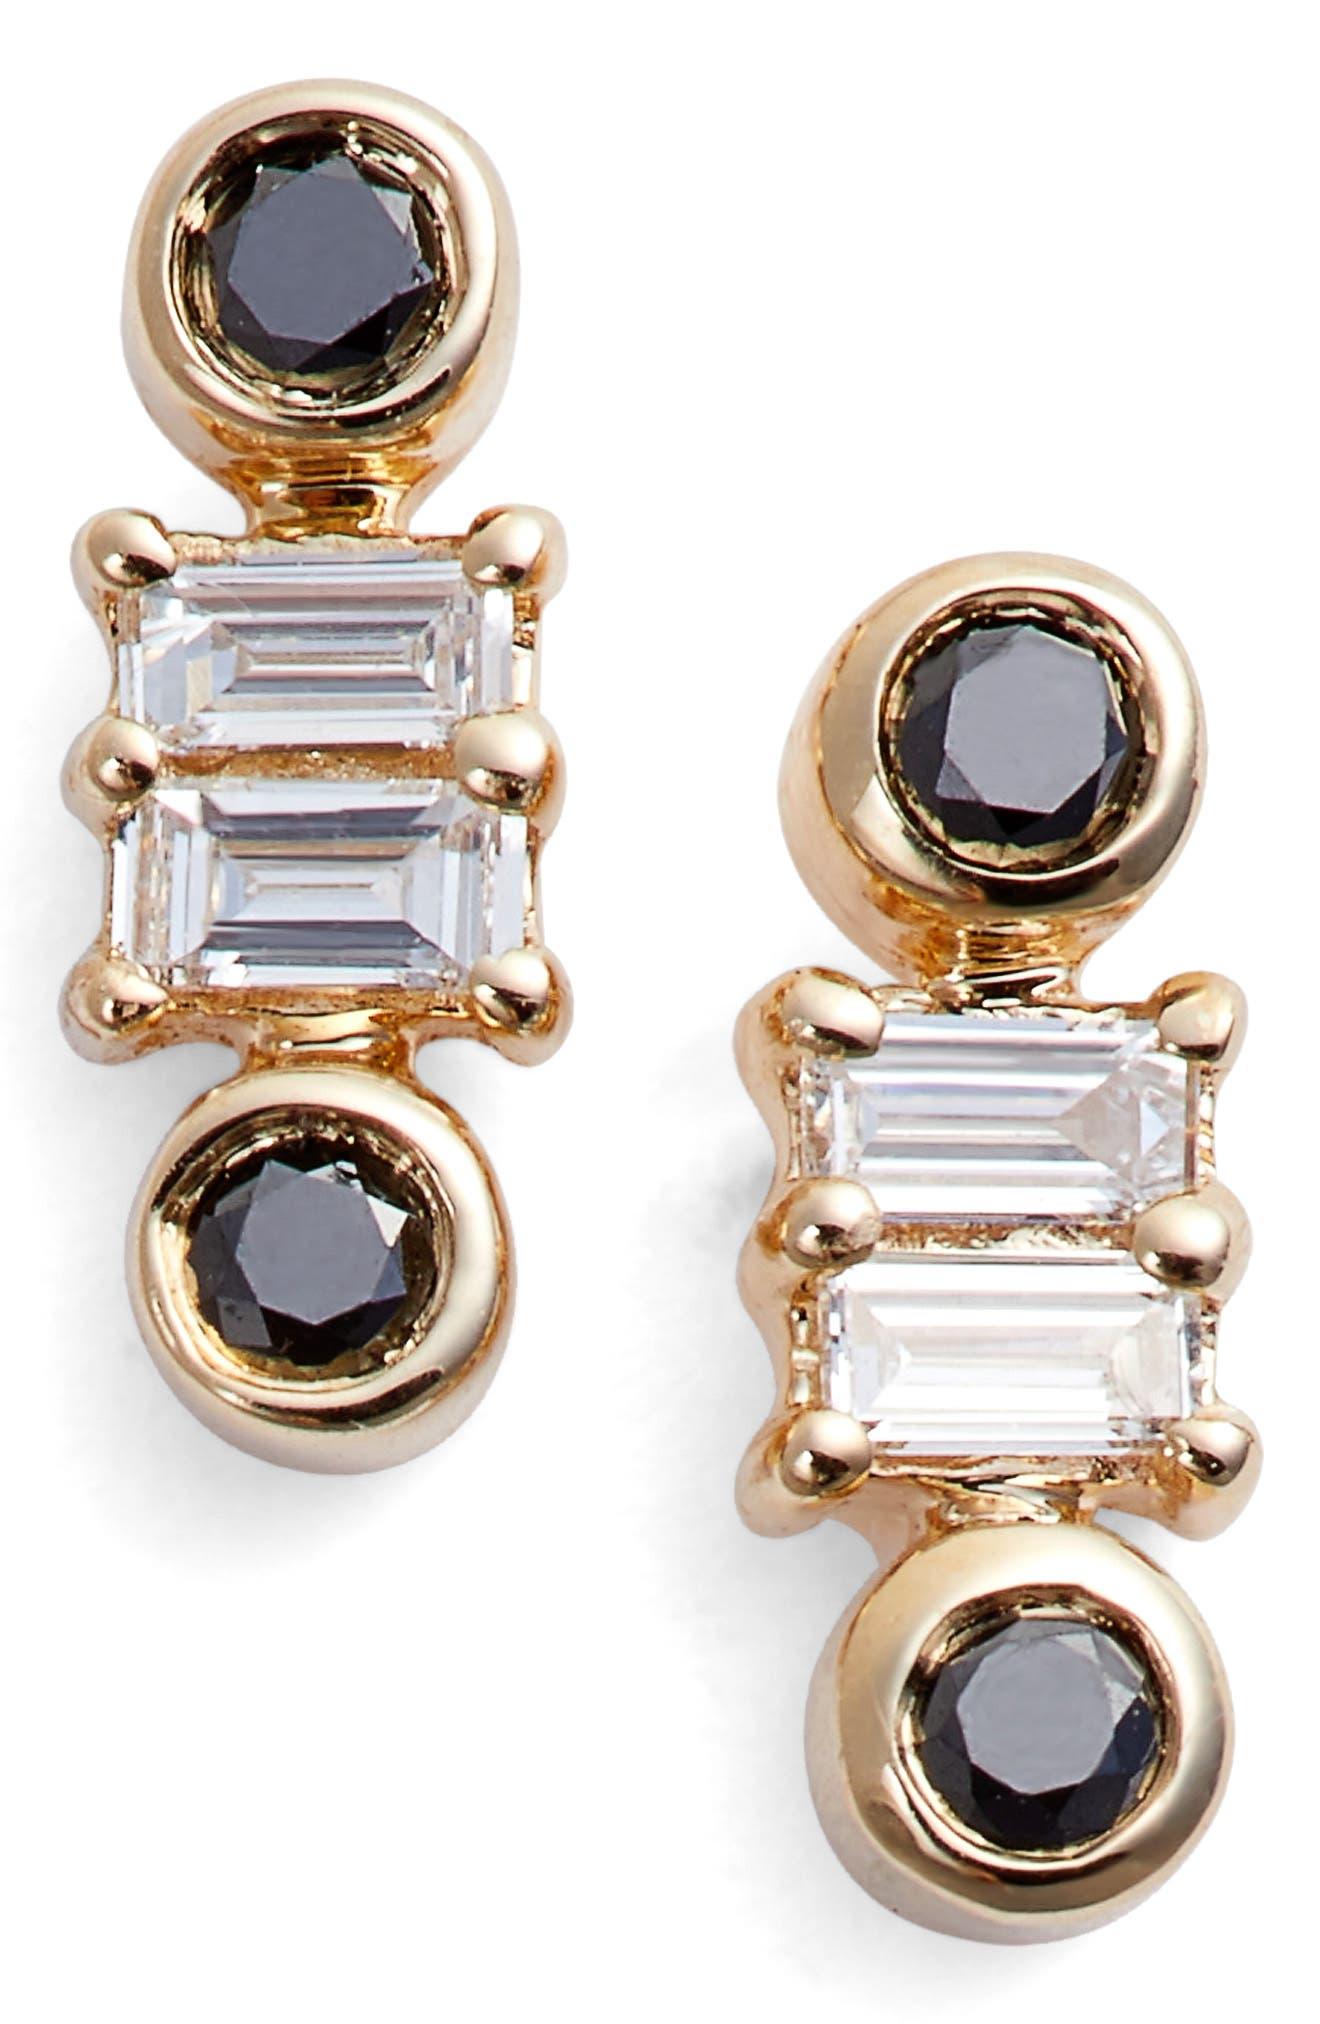 Main Image - Dana Rebecca Designs Sadie Stud Earrings